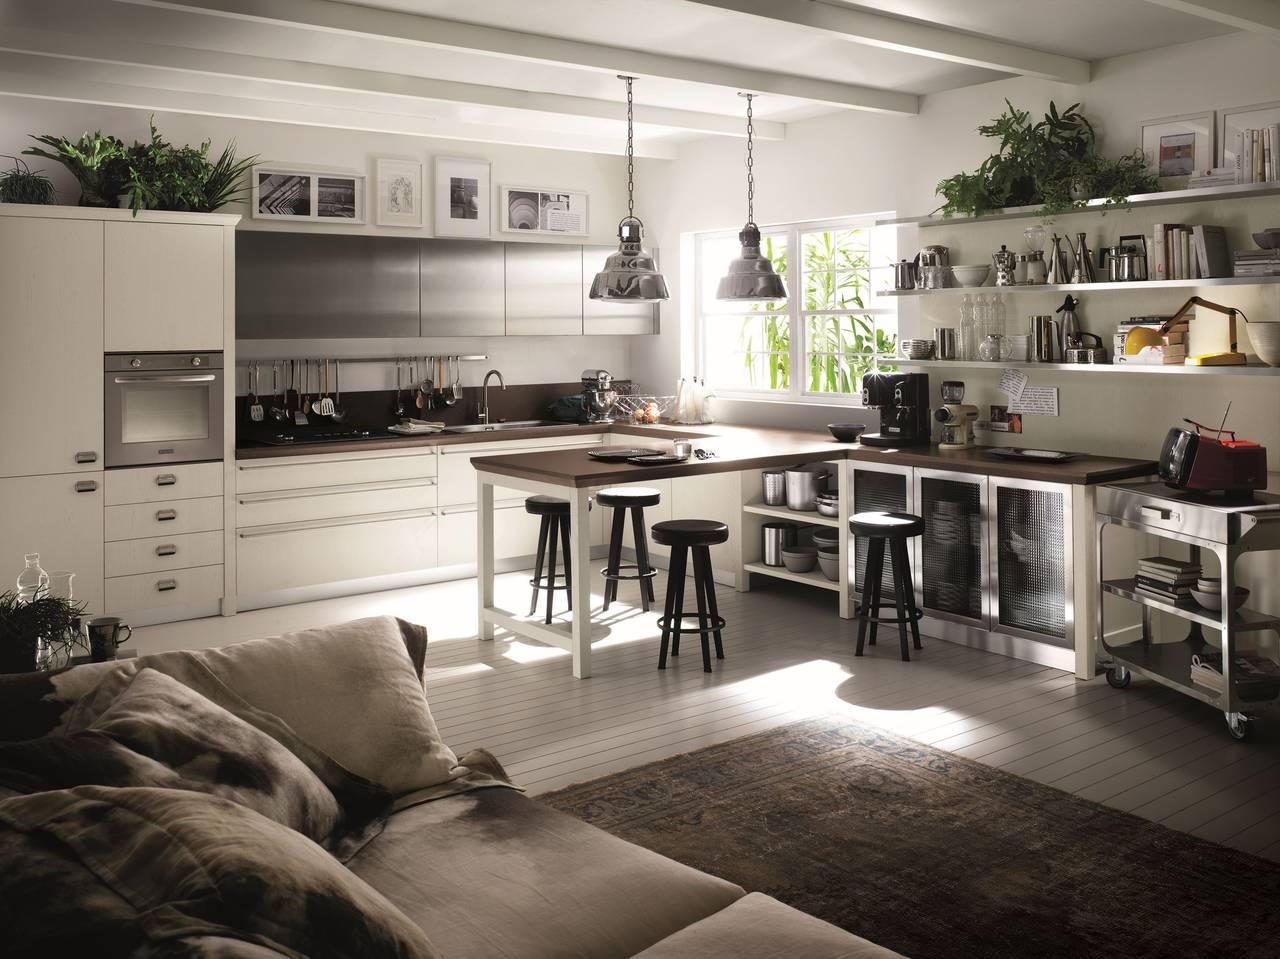 Atmosfere industriali per la cucina urbana  Ambiente Cucina